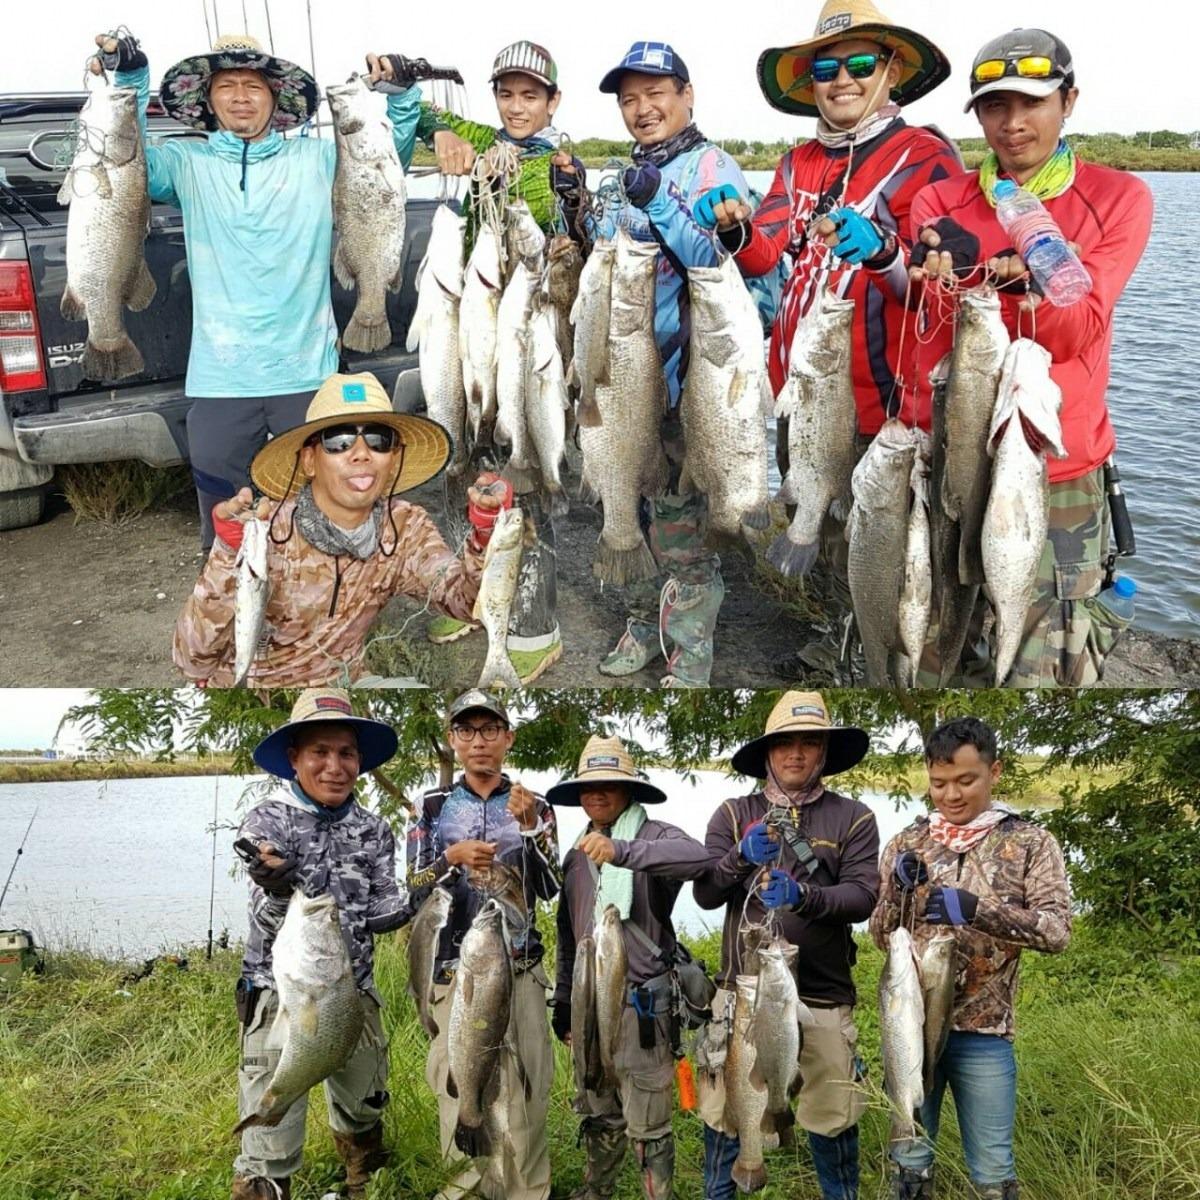 บ่อน้องบิว#75 บ่อ A B อาทิตย์ 10 กันยายน 2560 เพิ่มปลาลงไปอีก ค่าคันเท่าเดิม